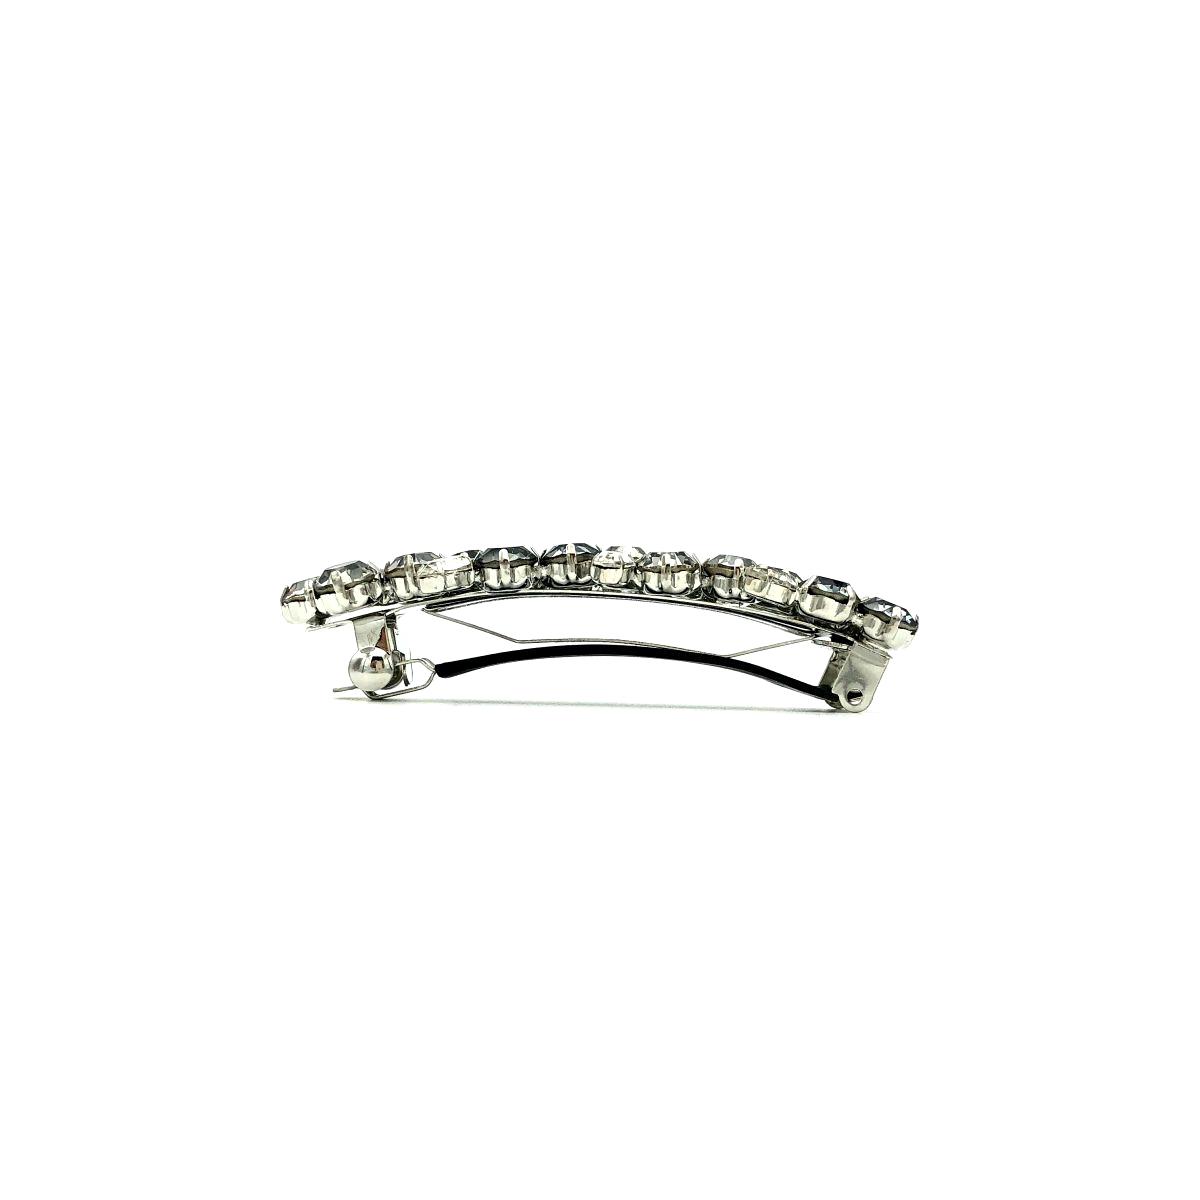 Haarspange 'Sarah' Strass grau/silber - klein - 8,8 cm